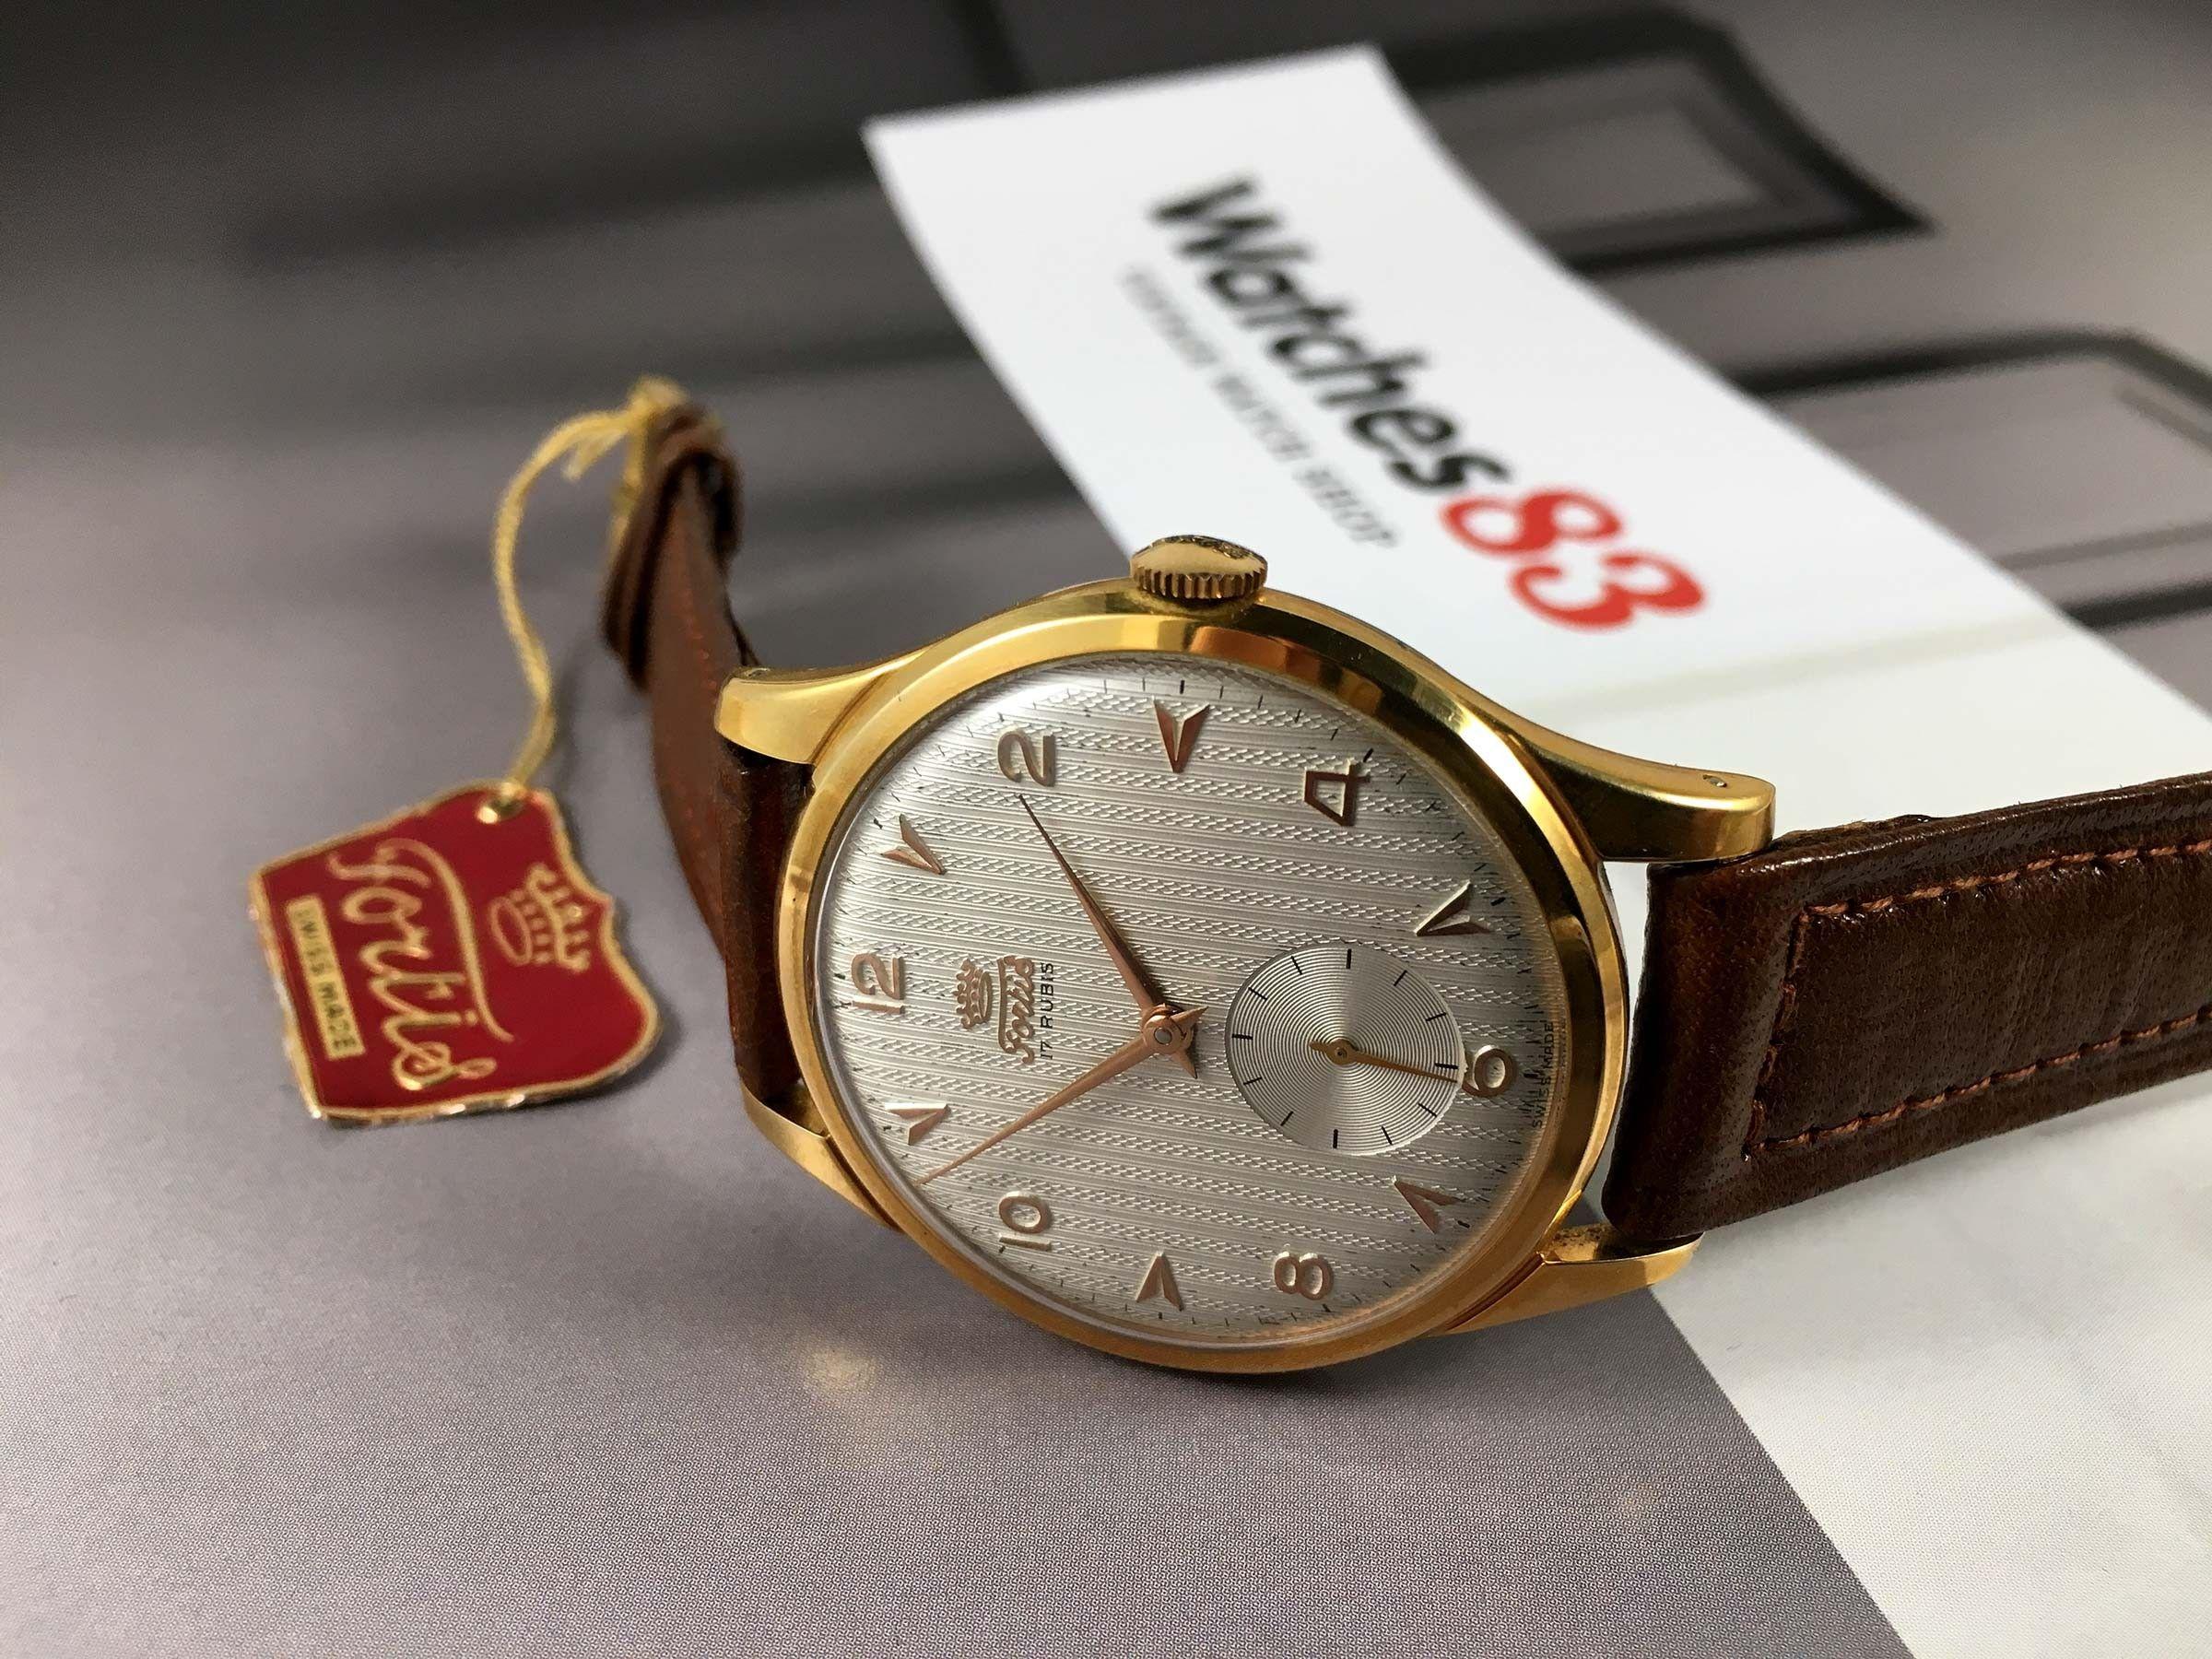 895f190e1 NOS Fortis Reloj suizo antiguo de cuerda OVERSIZE 38 mm Cal AS1130 17 rubis  * ...